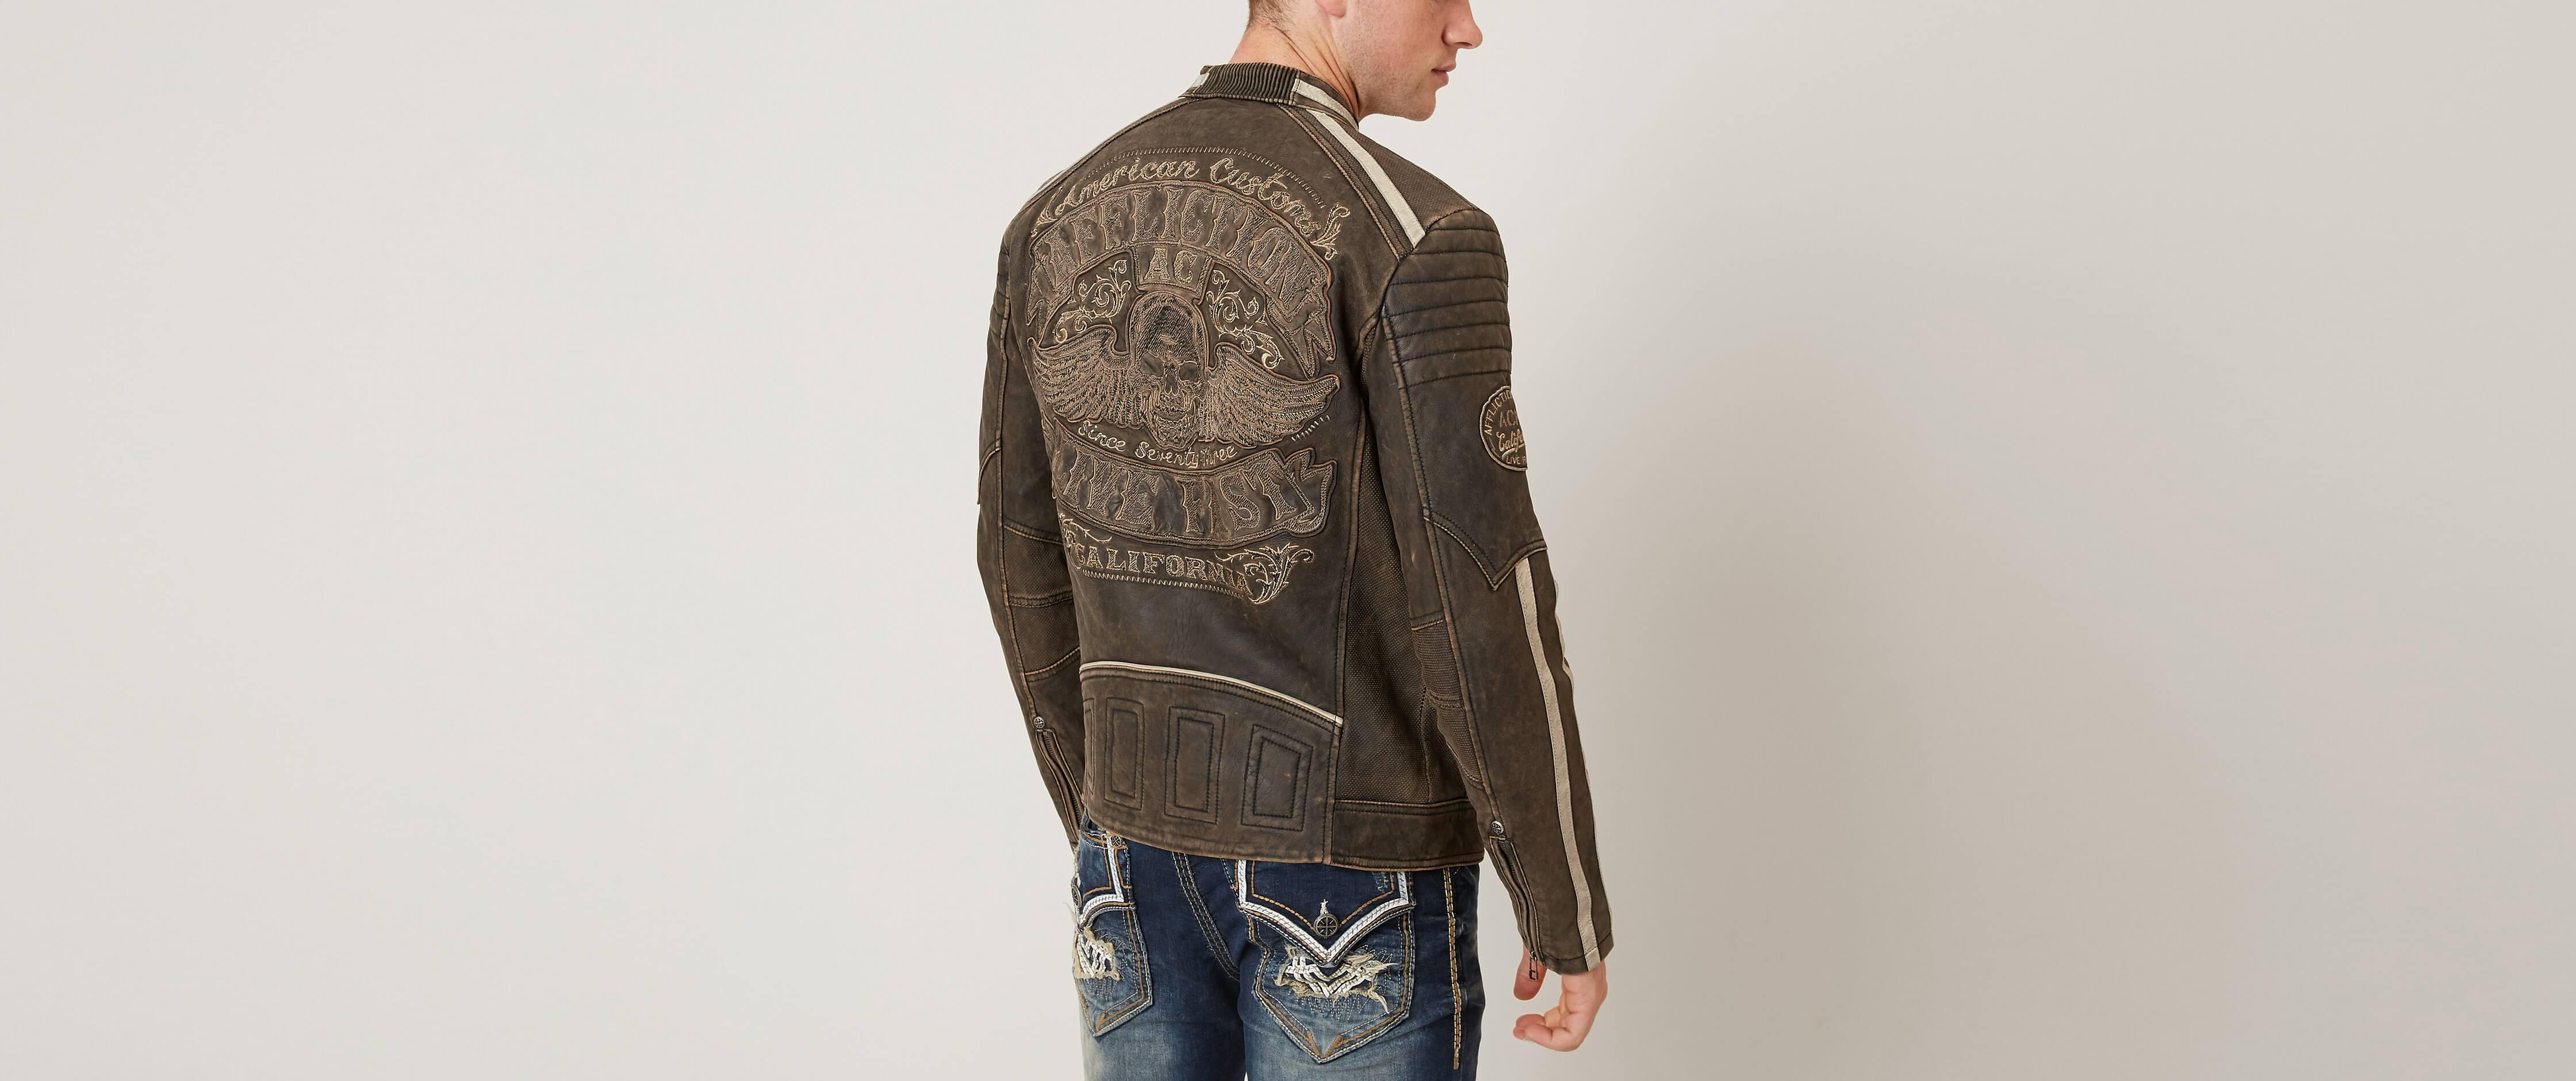 db6ca6a03 Affliction Black Premium Black Skull Jacket [6XuXh0112524] - $53.99